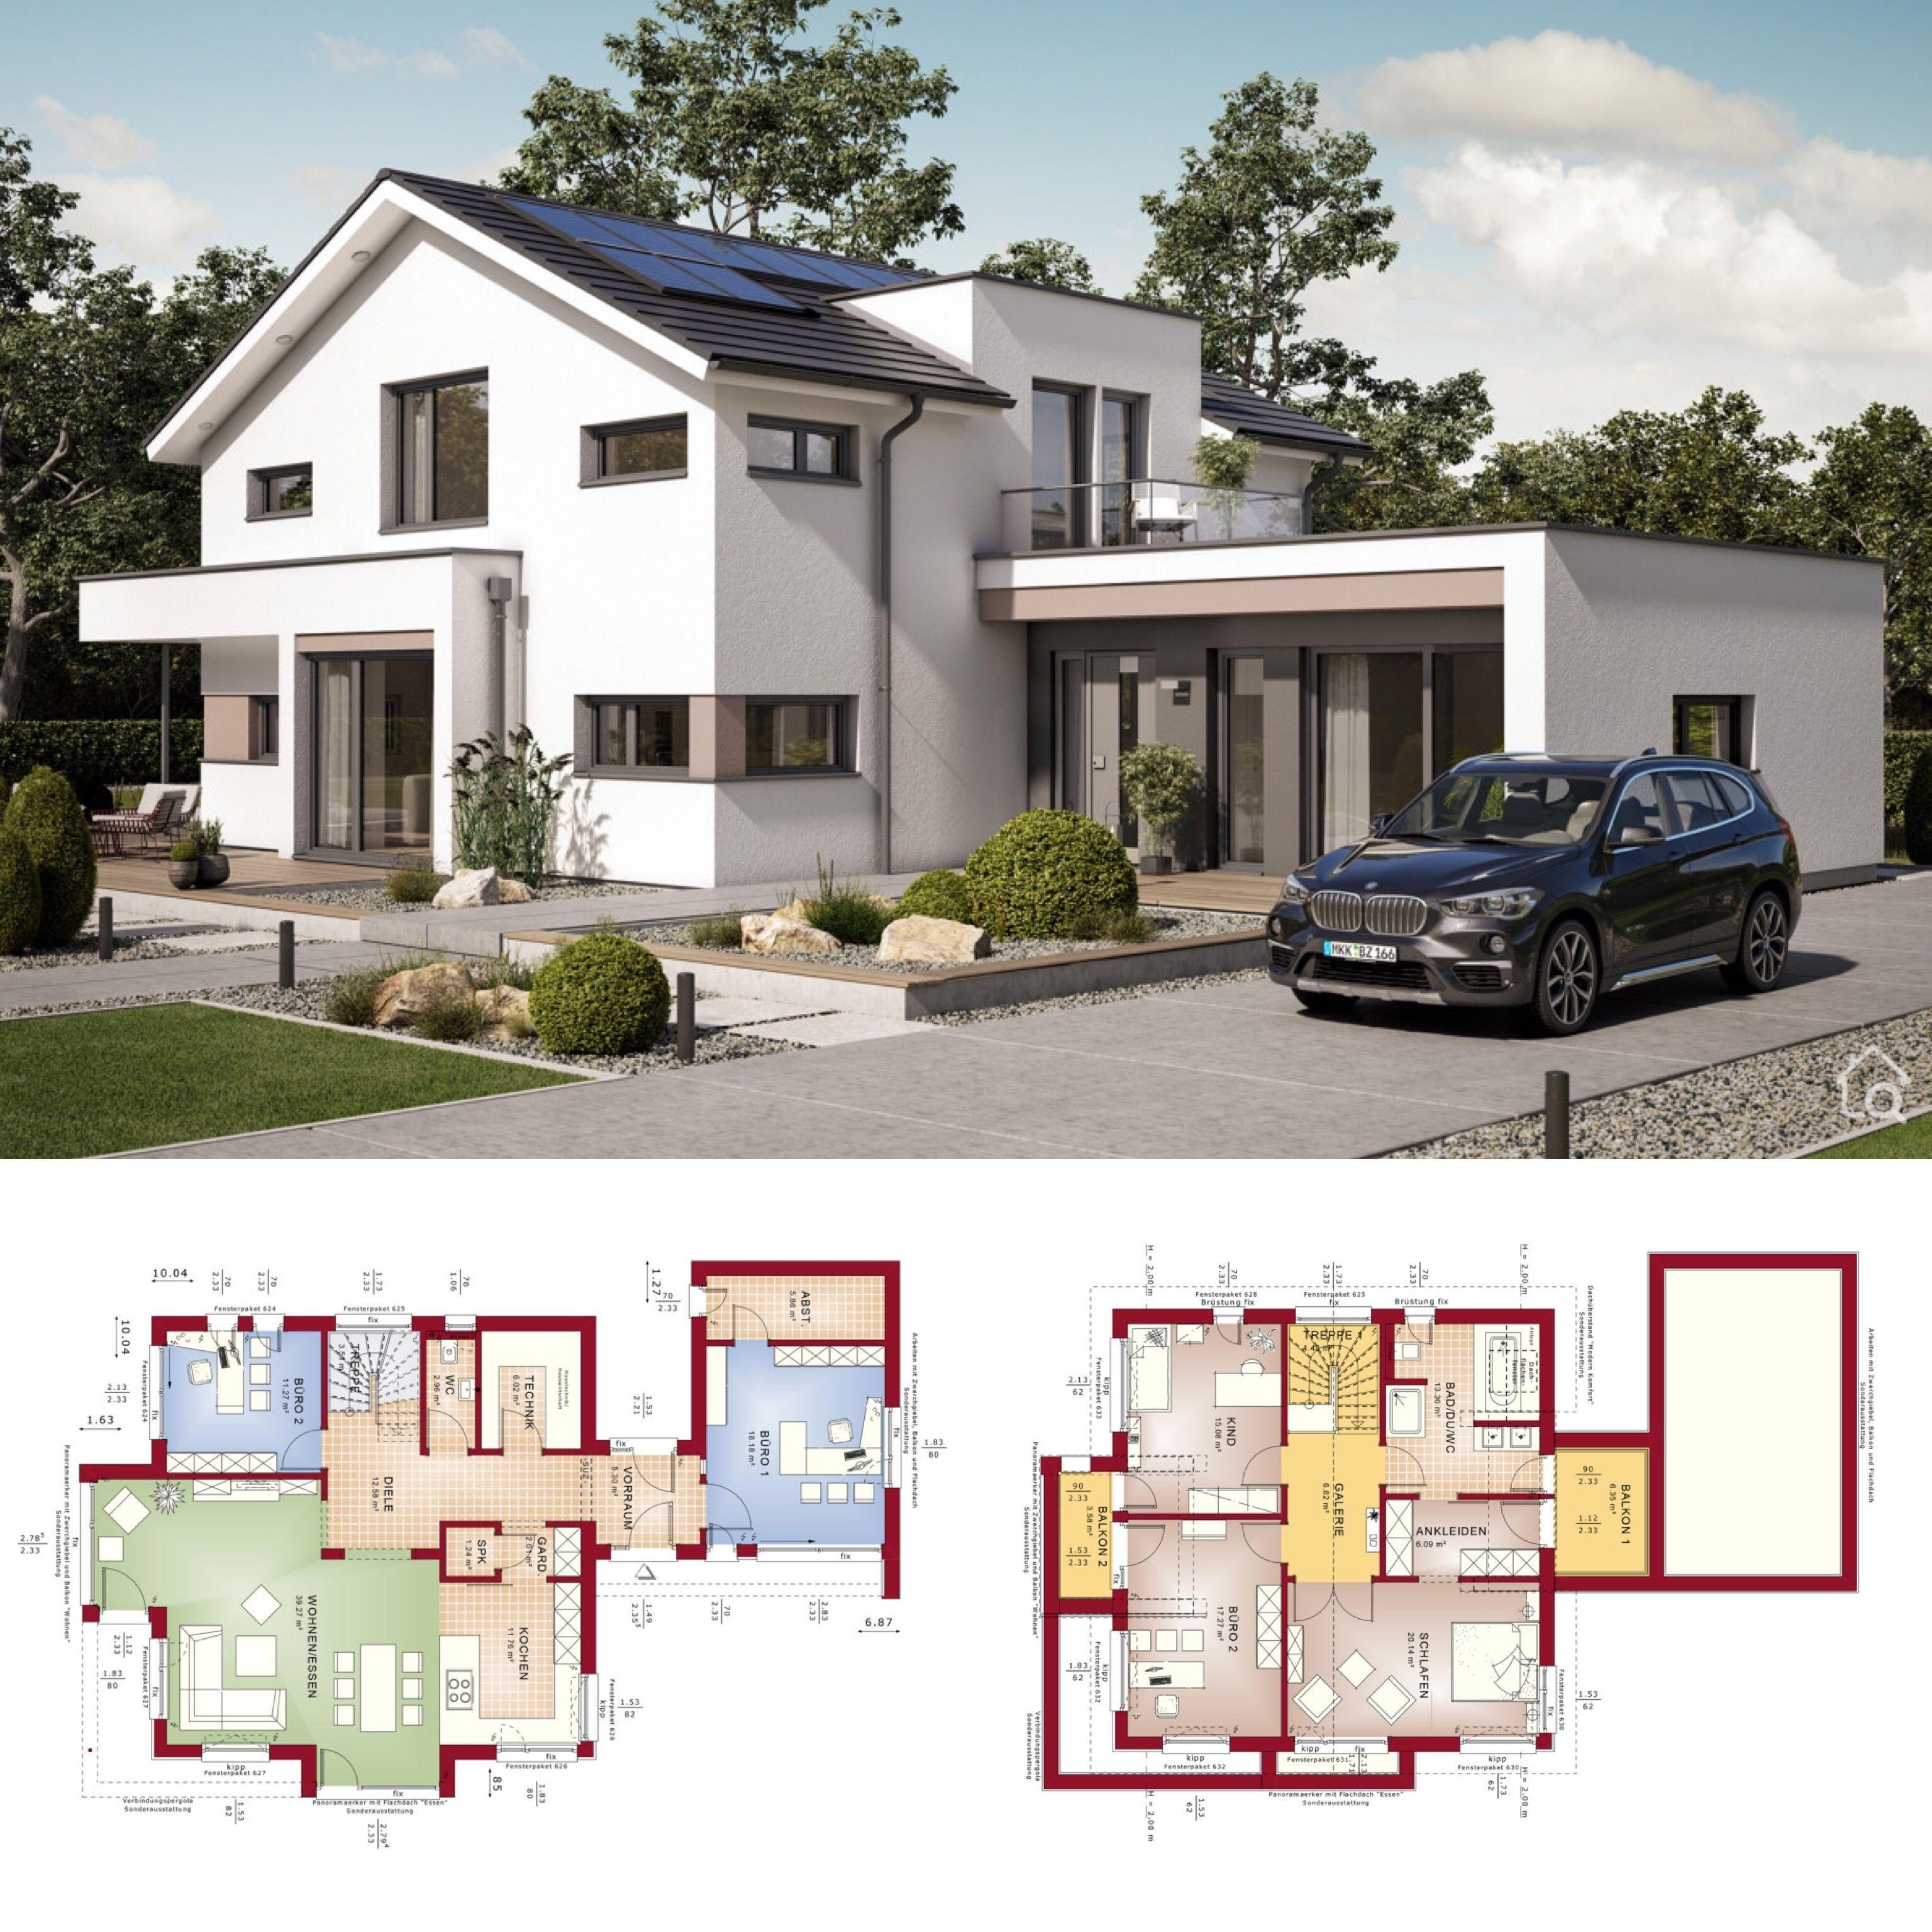 Einfamilienhaus Neubau modern mit Satteldach & 5 Zimmer